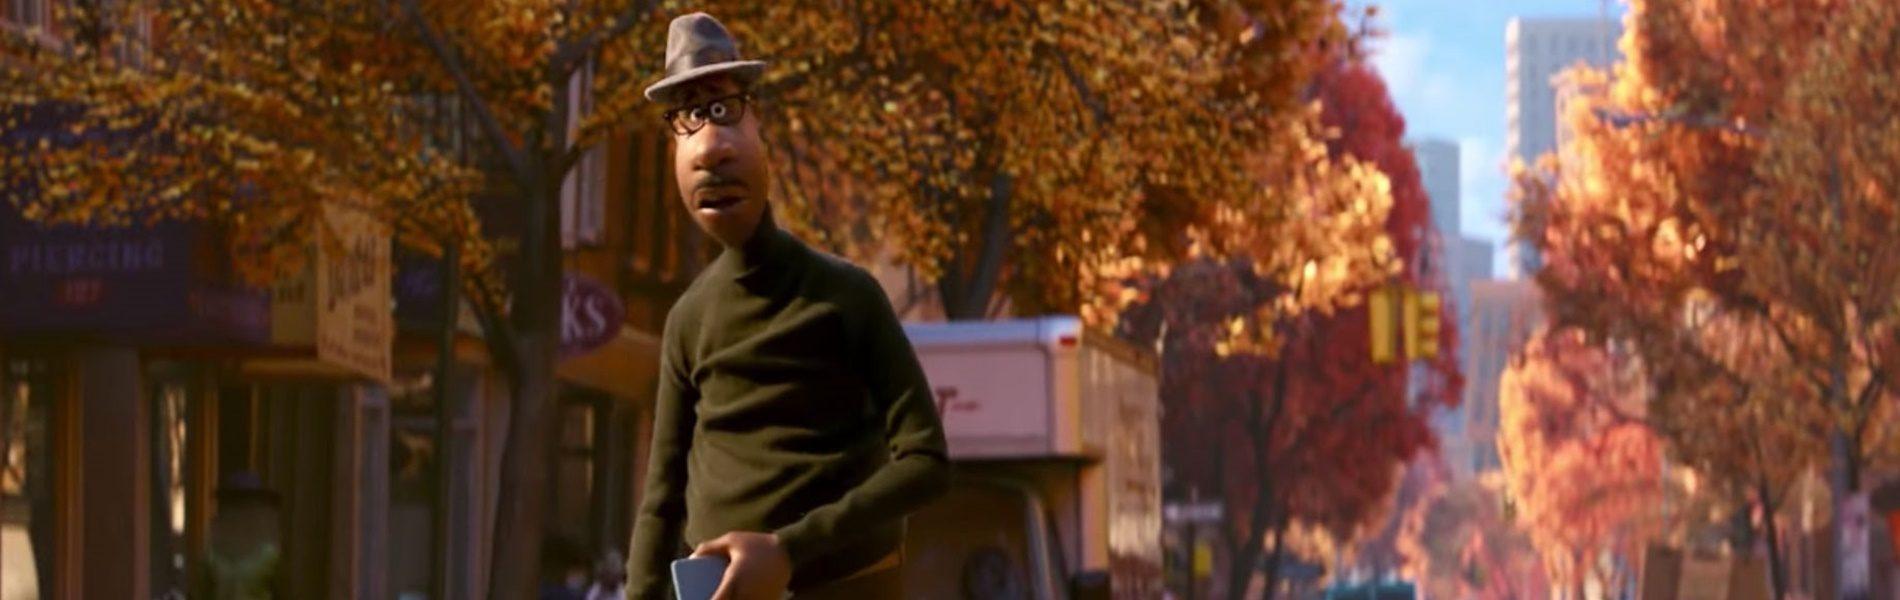 Újabb nagy dobásra készül a Pixar, itt az előzetes!